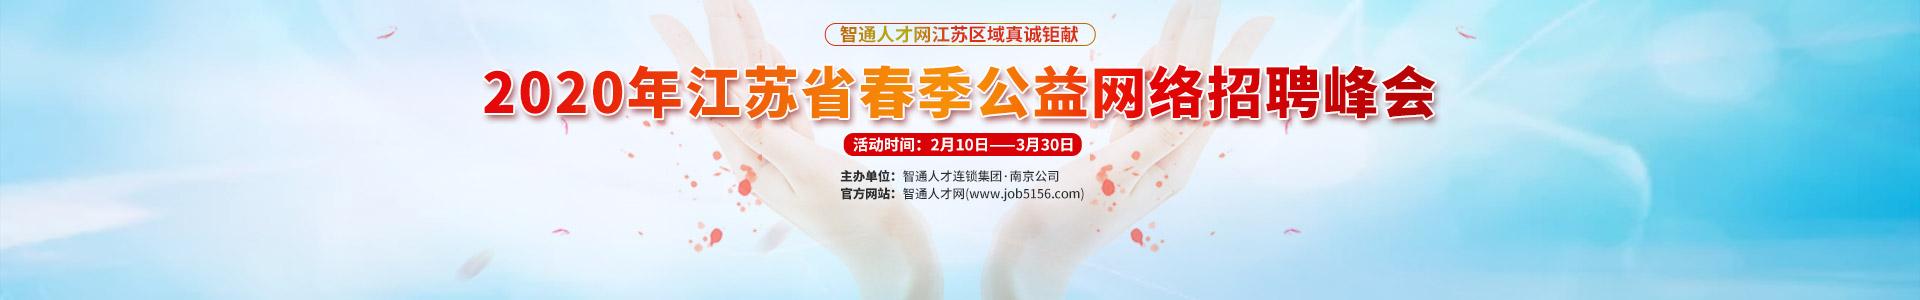 2.21网络福利视频峰会